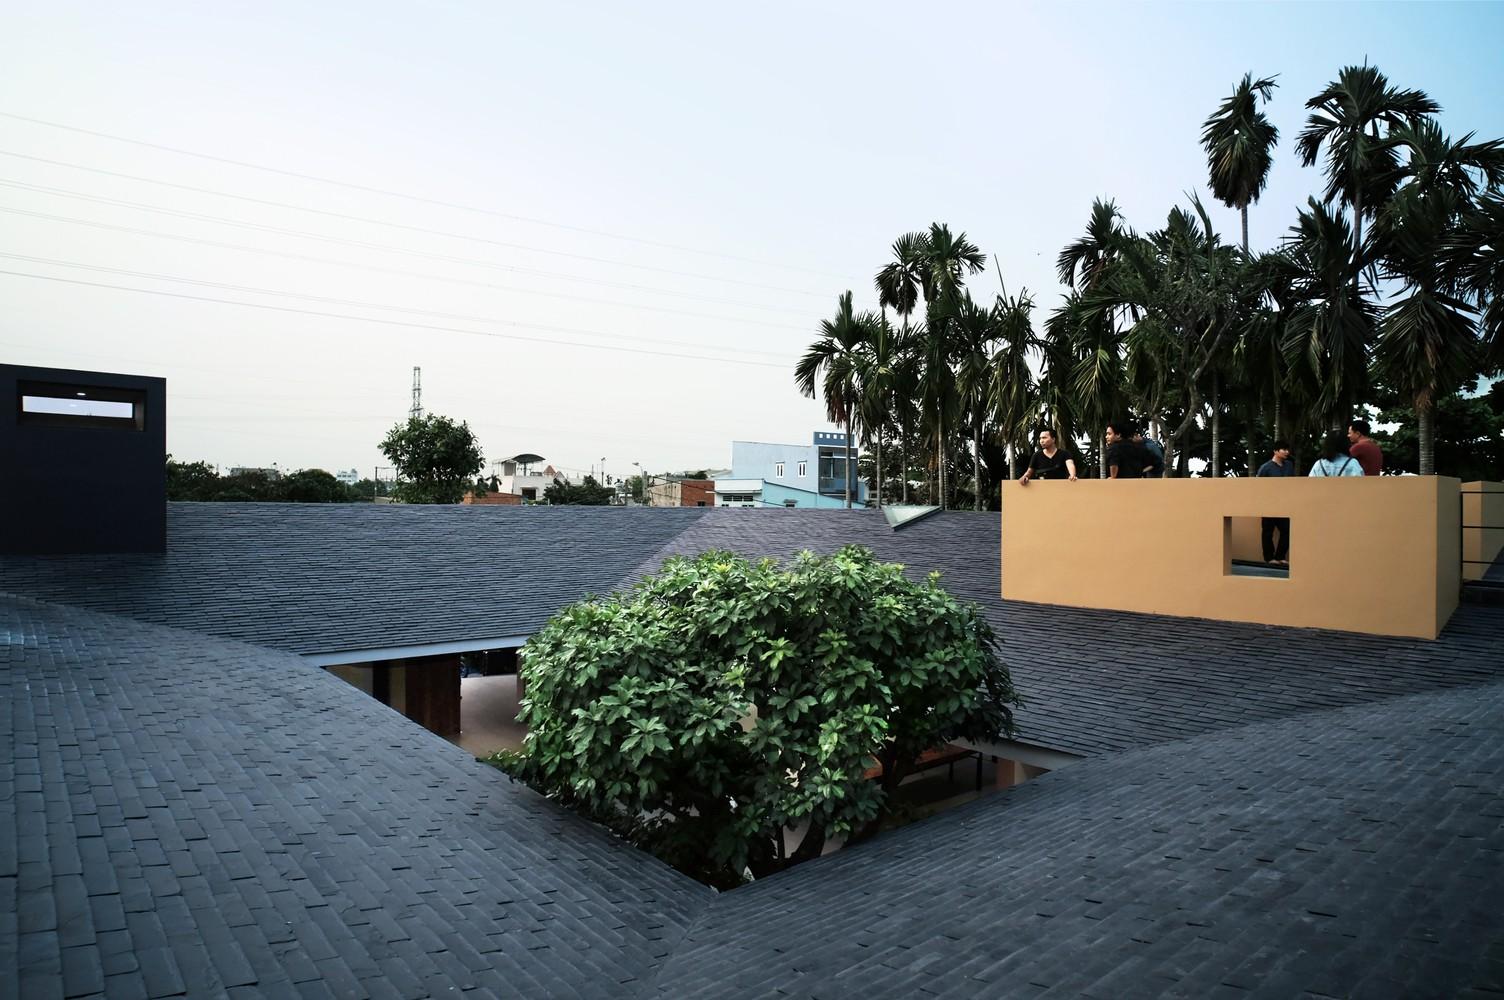 Tọa lạc ở ngoại ô TP HCM, Hoc Mon House là ngôi nhà của một gia đình 3 thế hệ